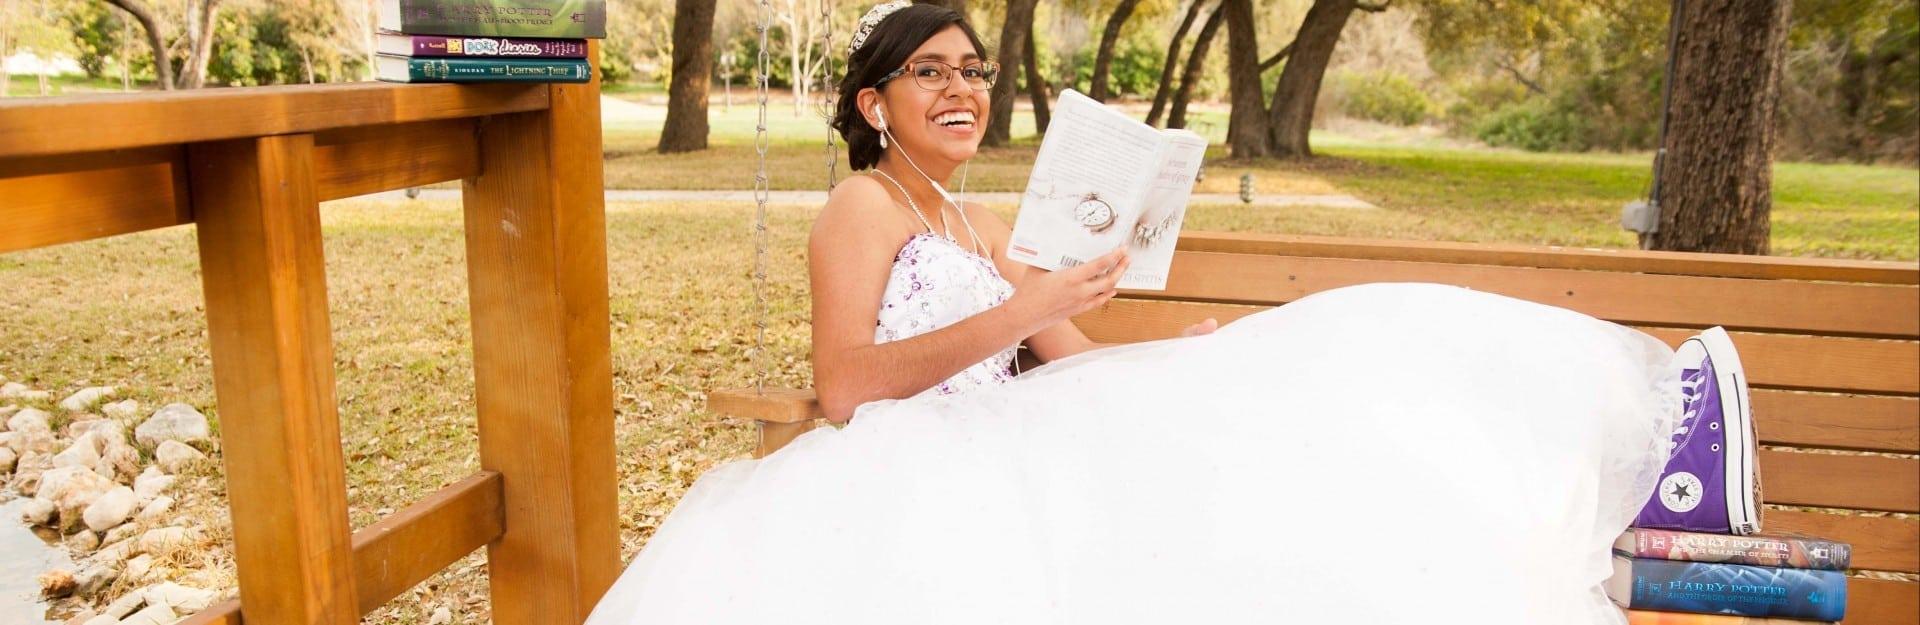 San Antonio Quinceanera, Quinceanera Photographer, Quinceanera Planner, Quinceanera Coordinator, San Antonio Sweet 16-6